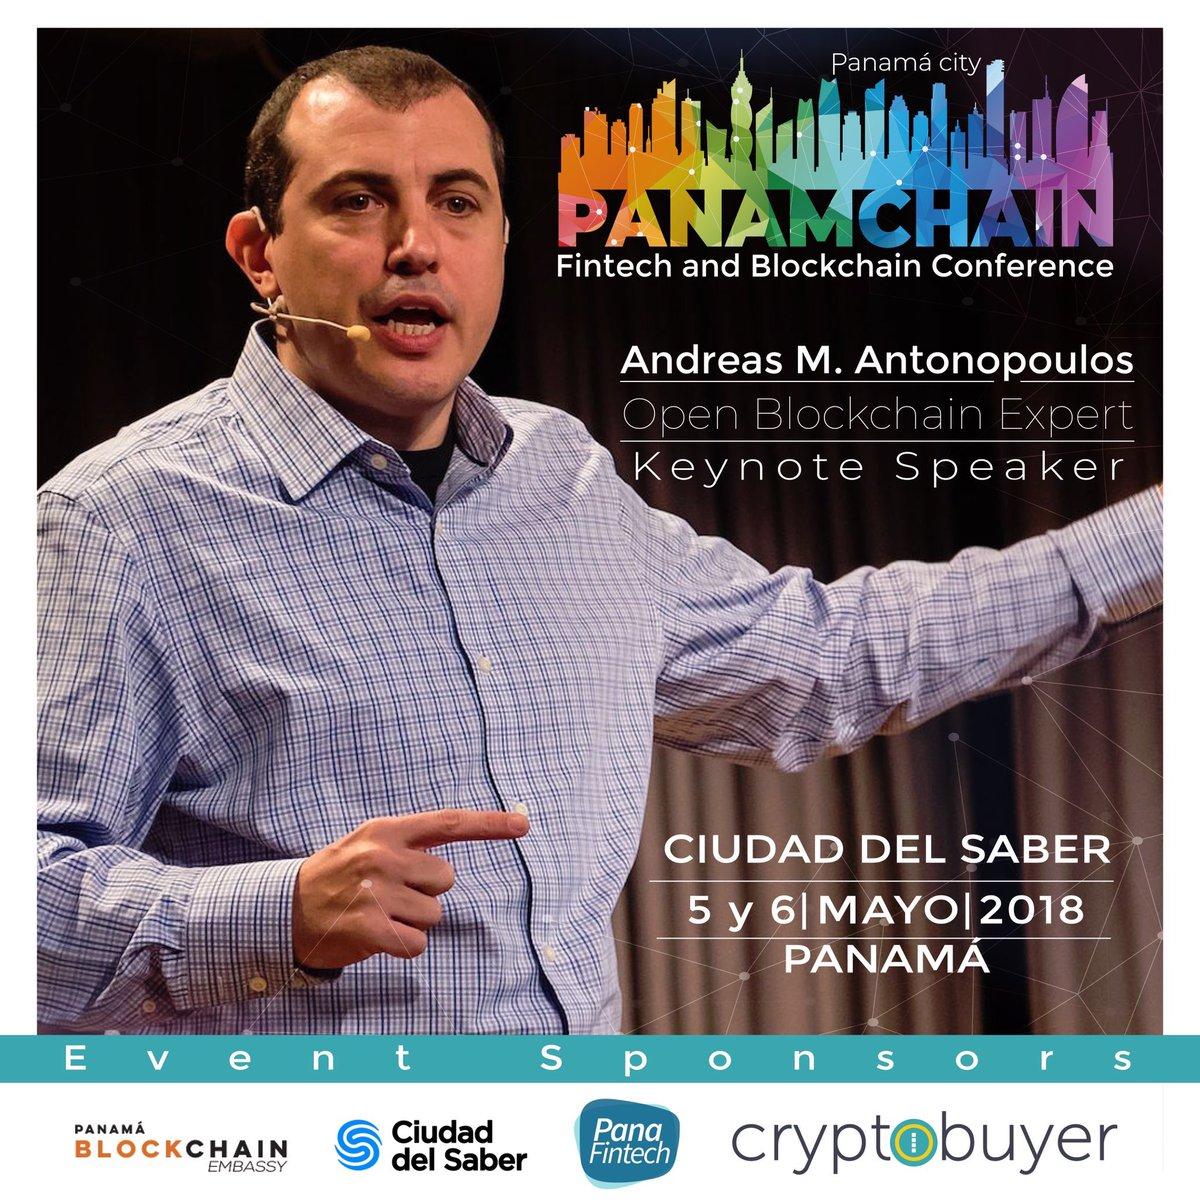 panamchain-evento-panamá-antonopoulos